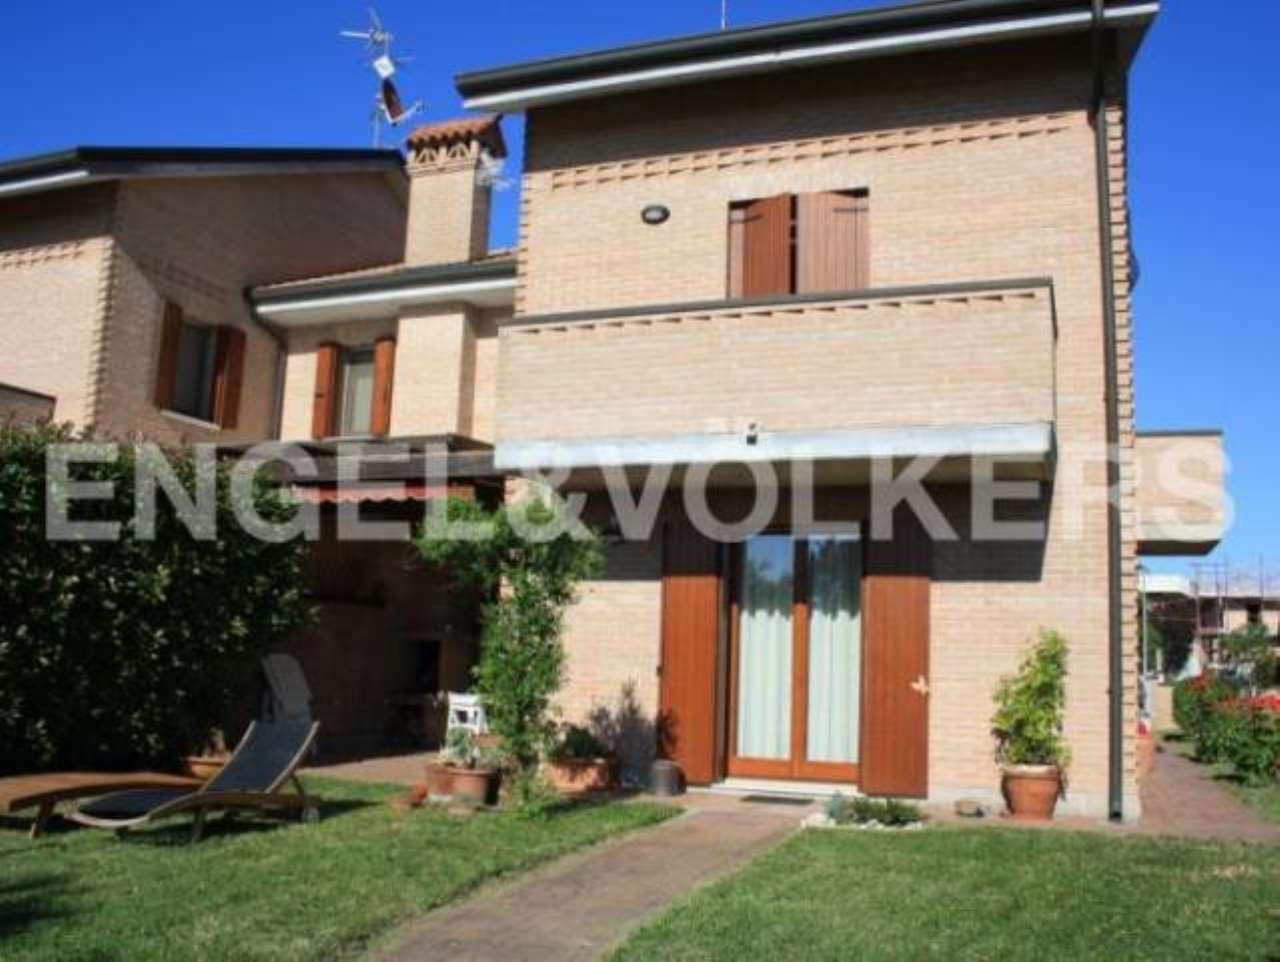 Villa in affitto a Ferrara, 6 locali, prezzo € 920 | CambioCasa.it